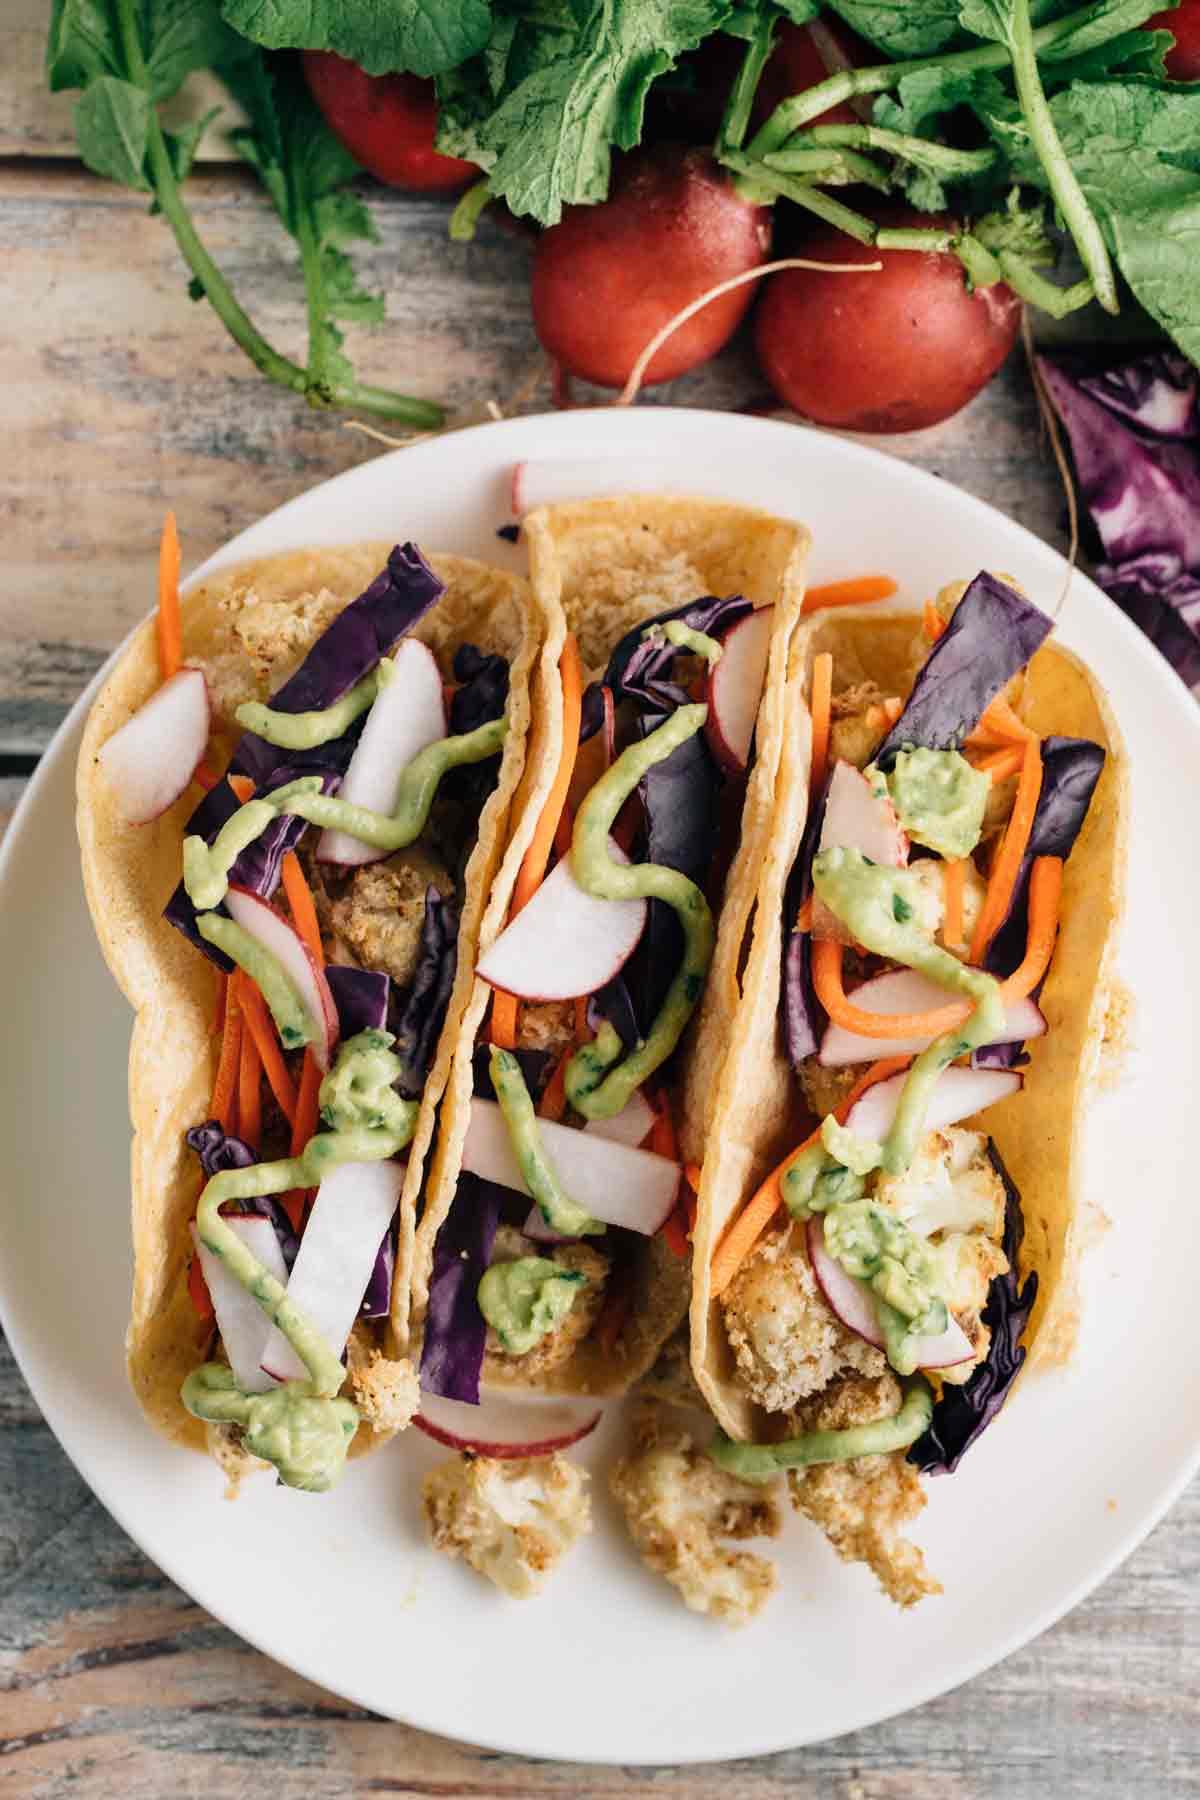 Crunchy Cauliflower Tacos w/ Avocado Lime Sauce | via veggiechick.com #vegan #glutenfree